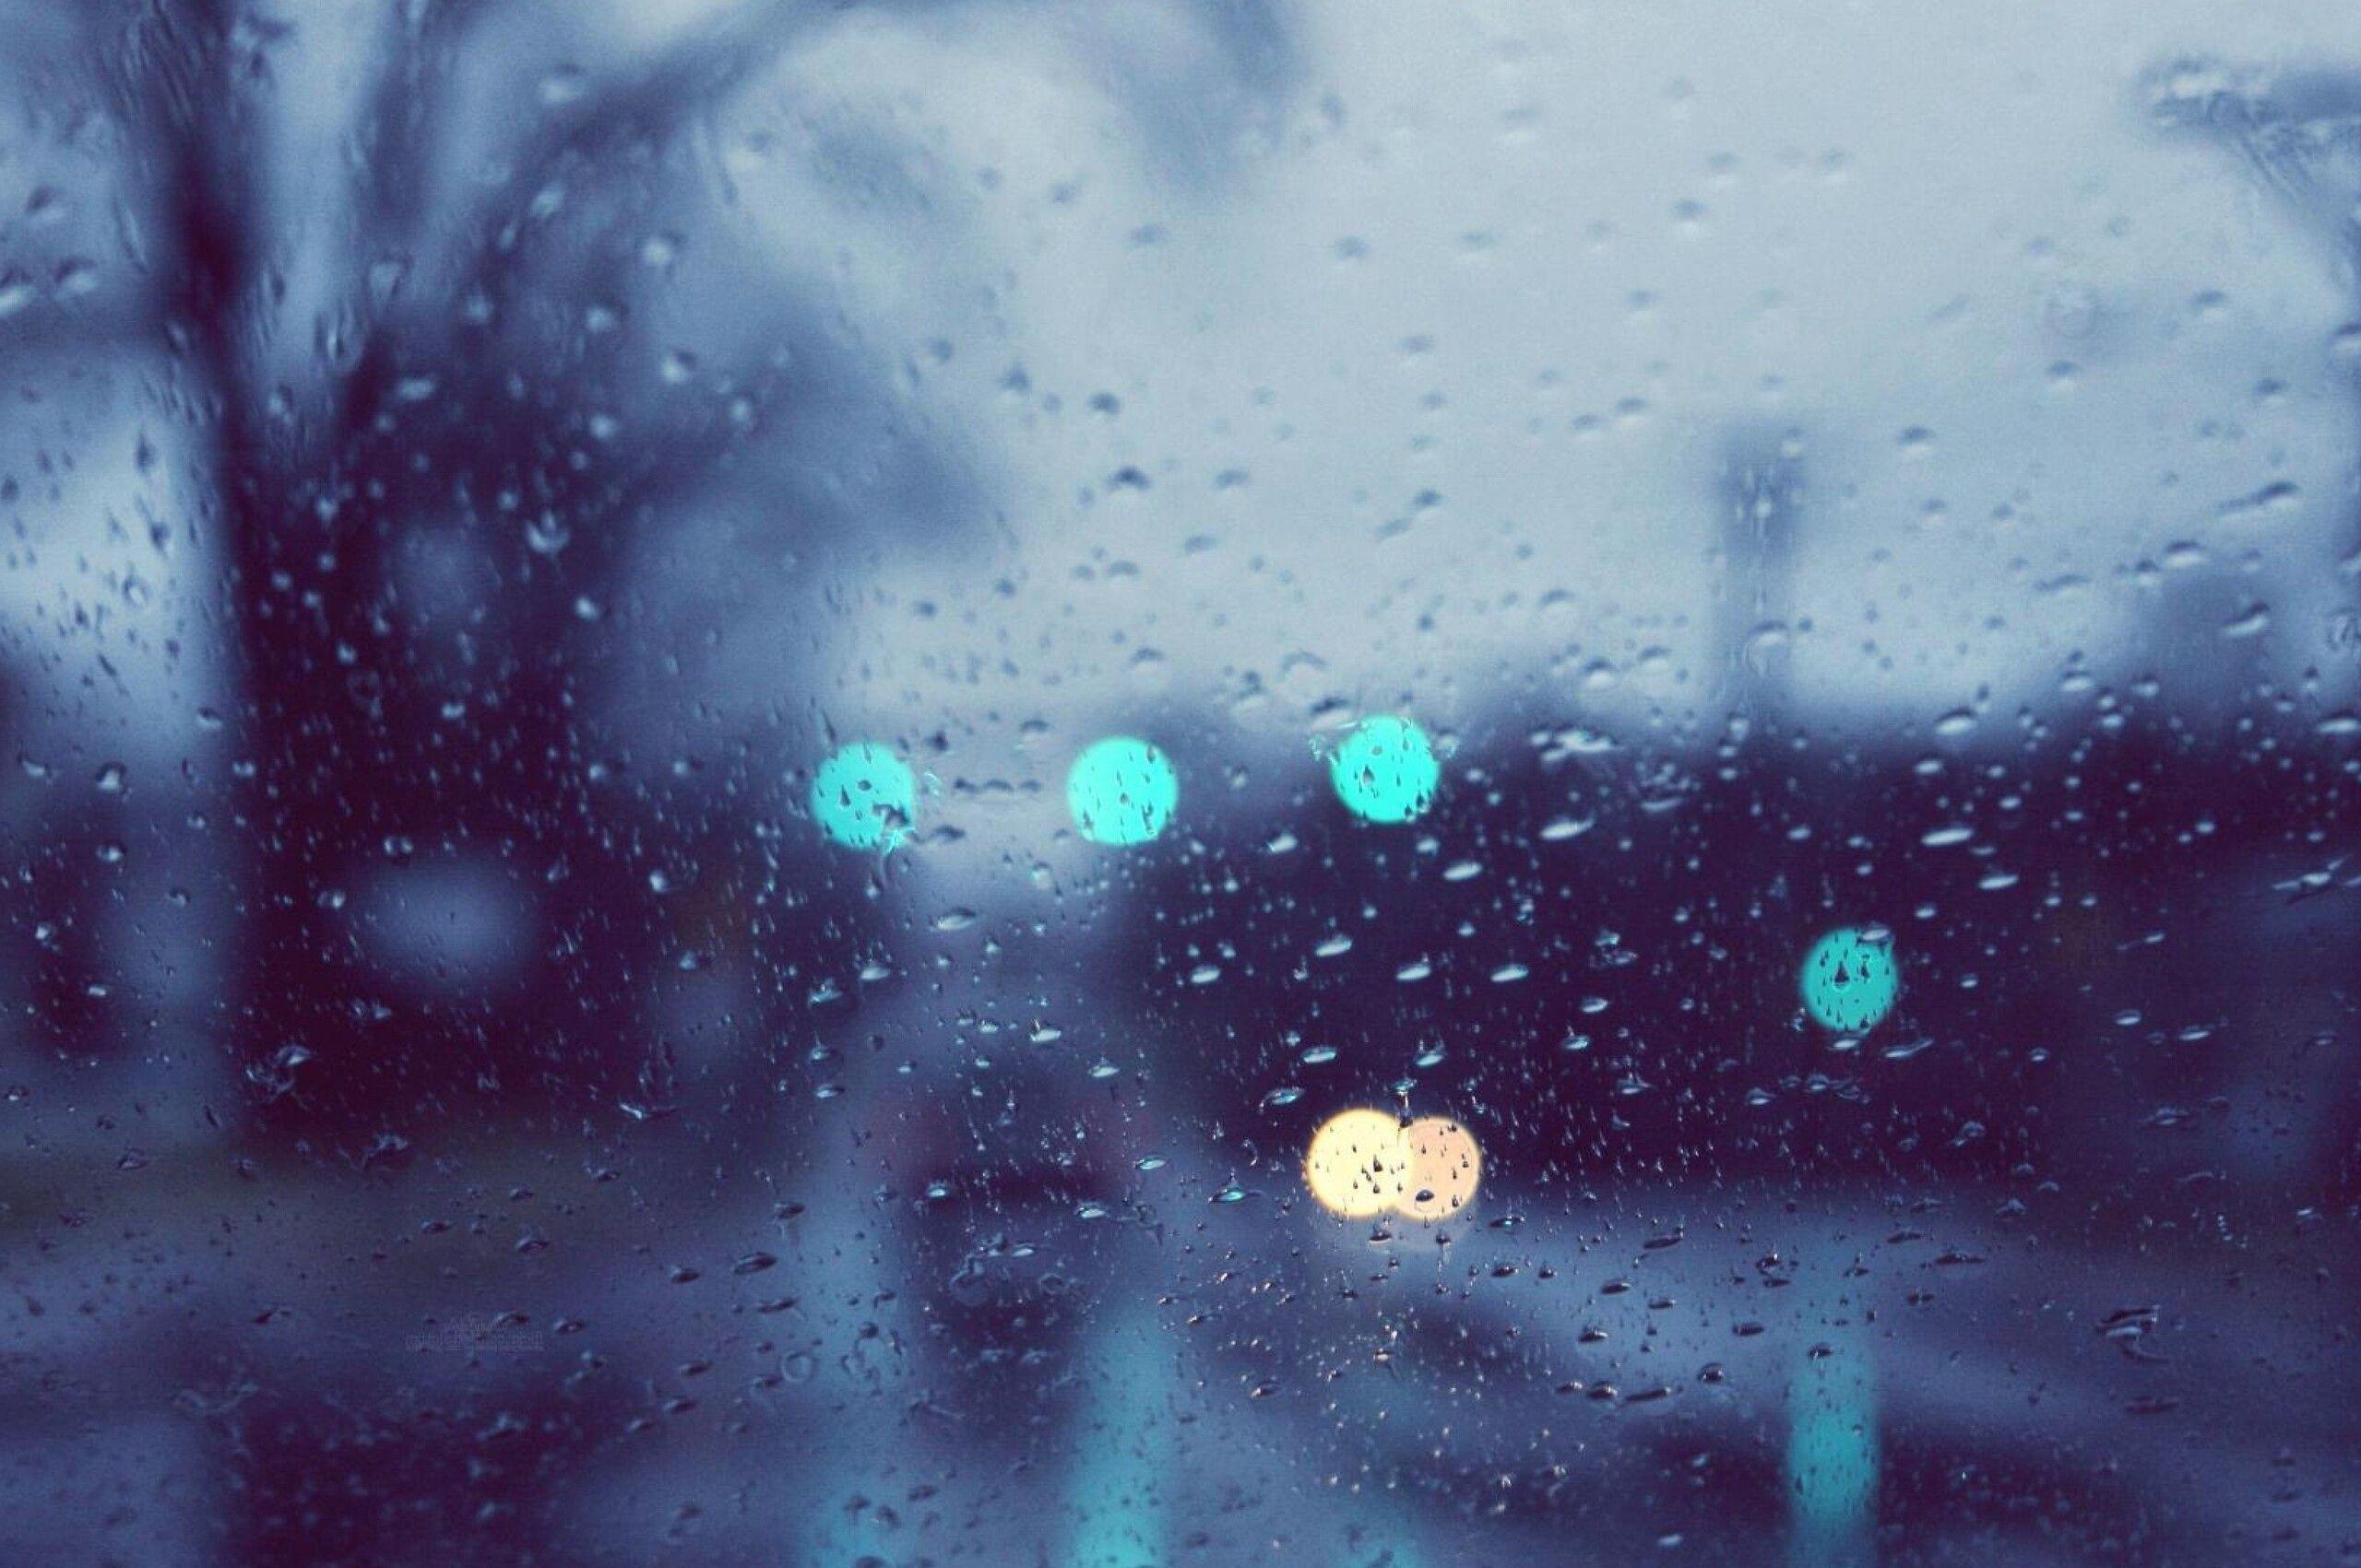 Pixel Rain Wallpapers - Top Free Pixel ...